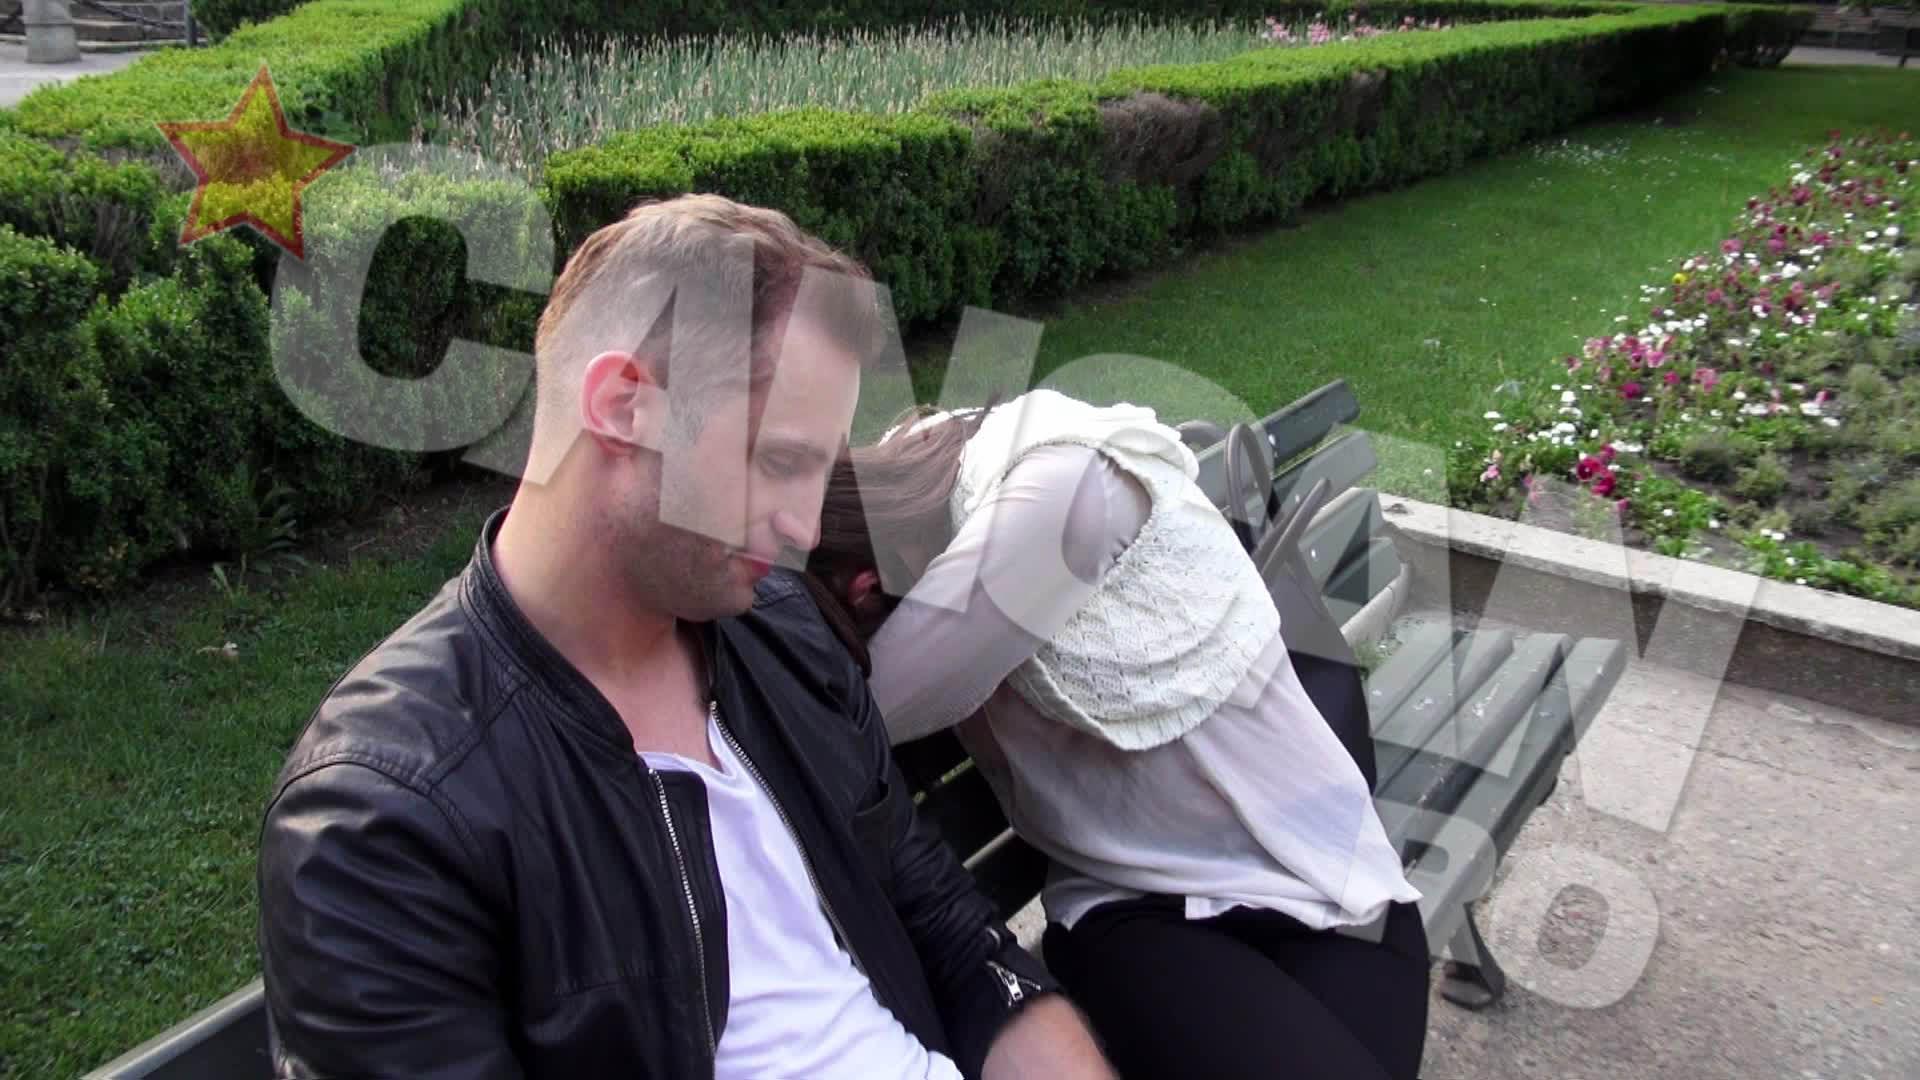 Cu gandul ca logodnica lui va afla de escapada de la Iasi, Brotnei s-a pus pe oftat si suspinat